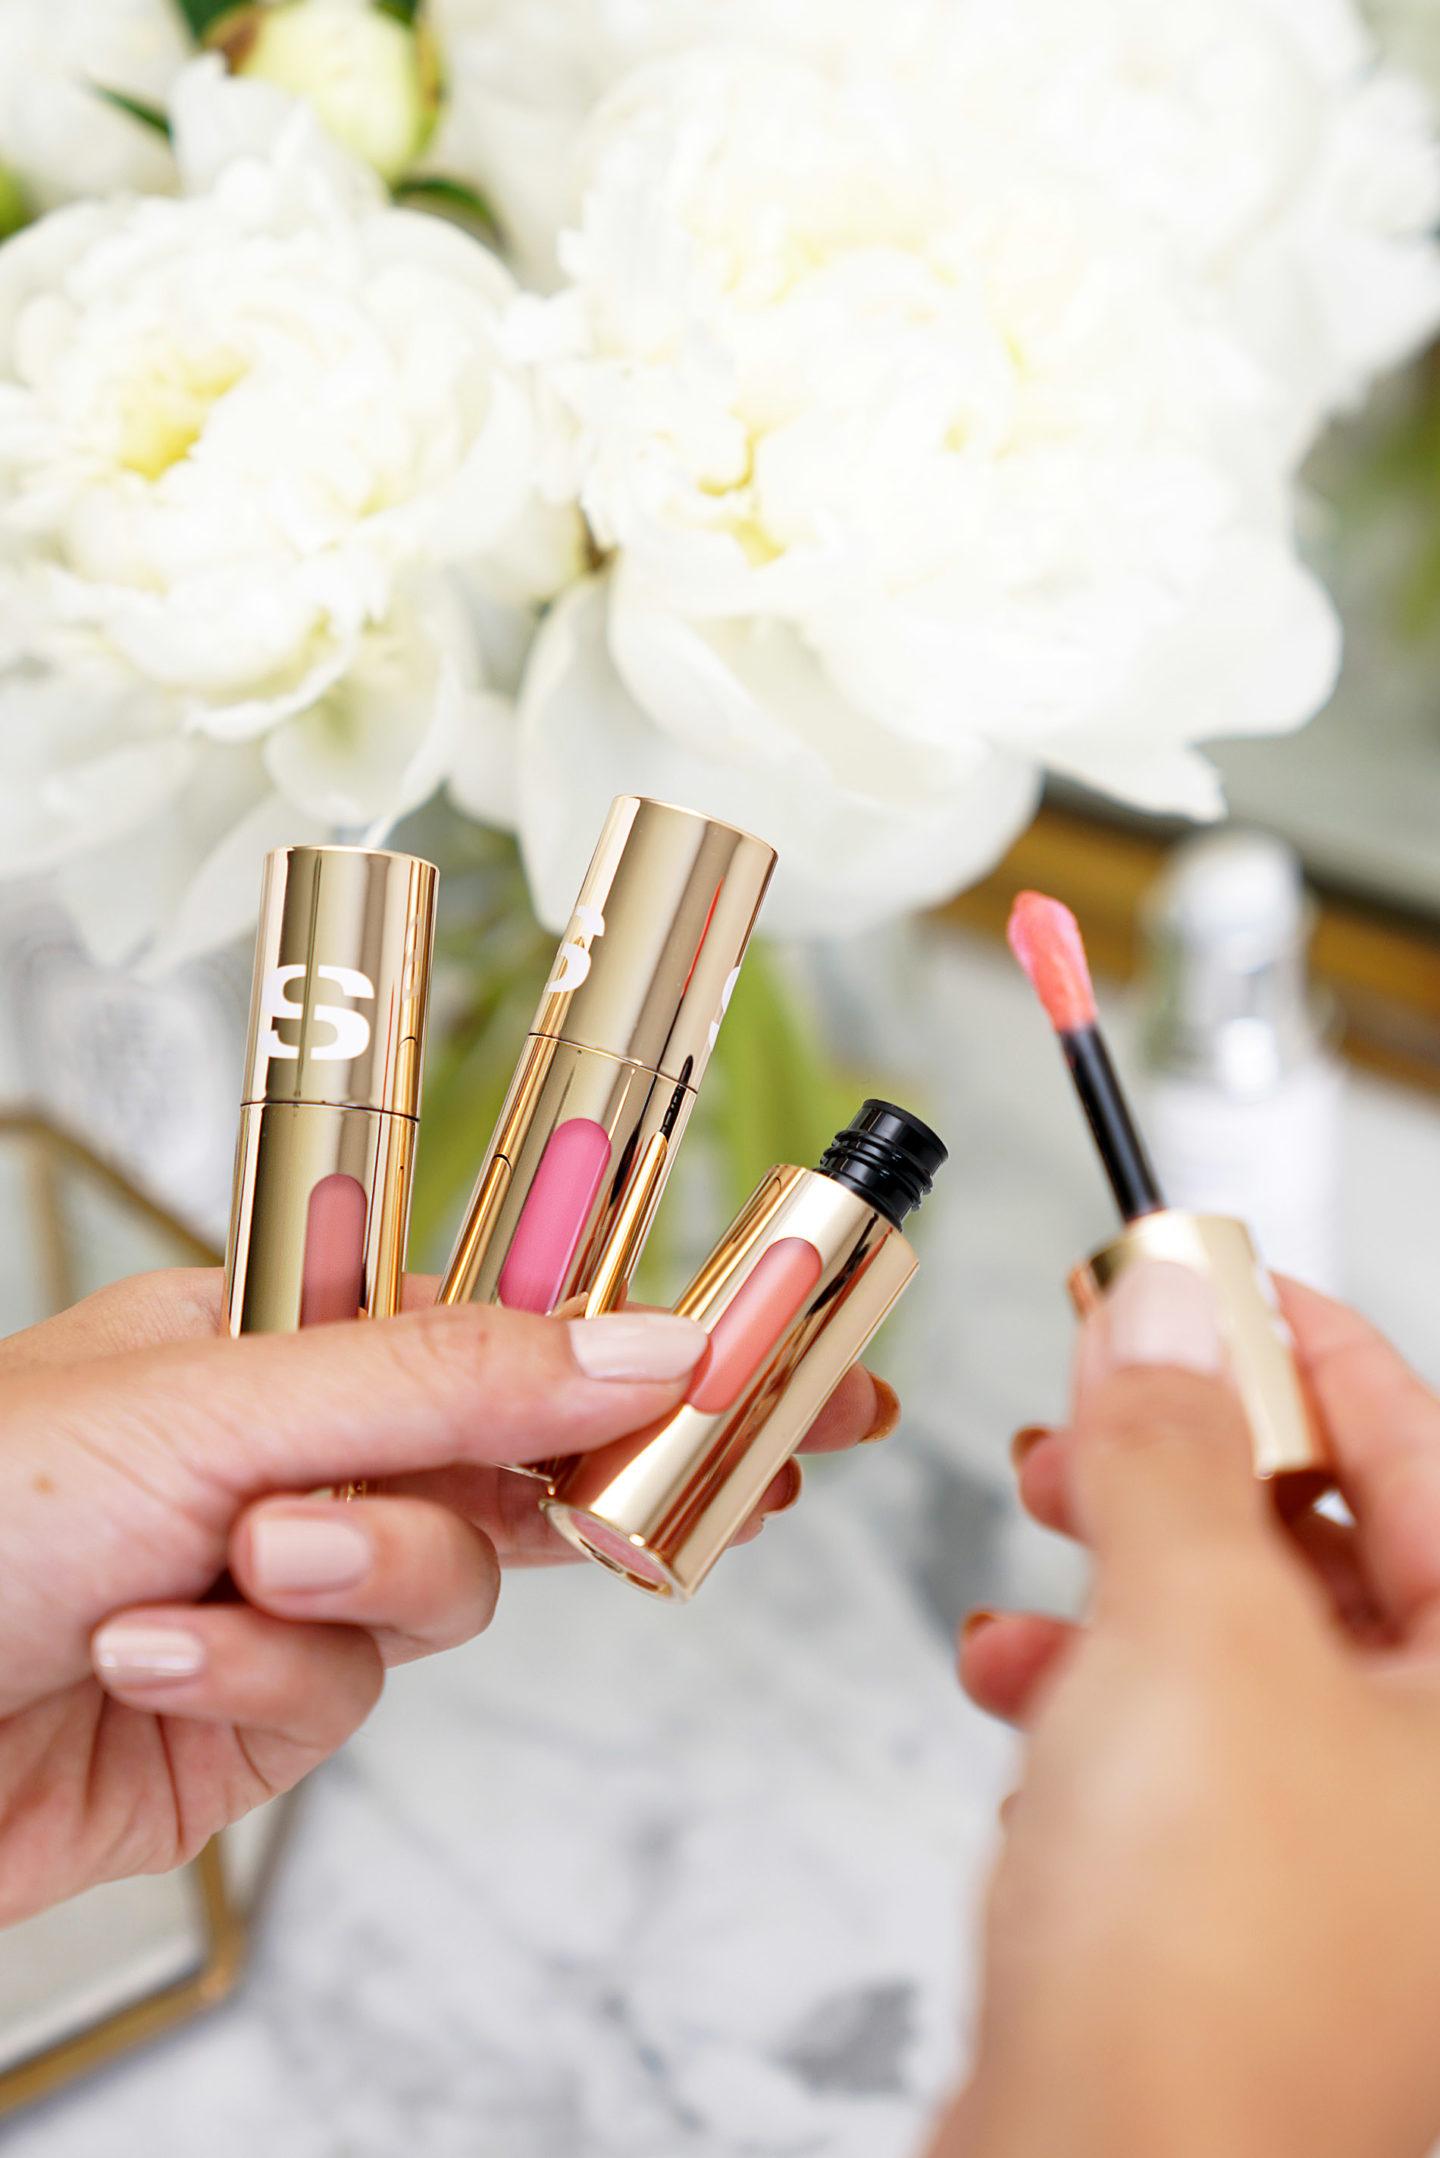 Sisley Phyto Lip Delight Huiles pour les lèvres | Le livre de beauté